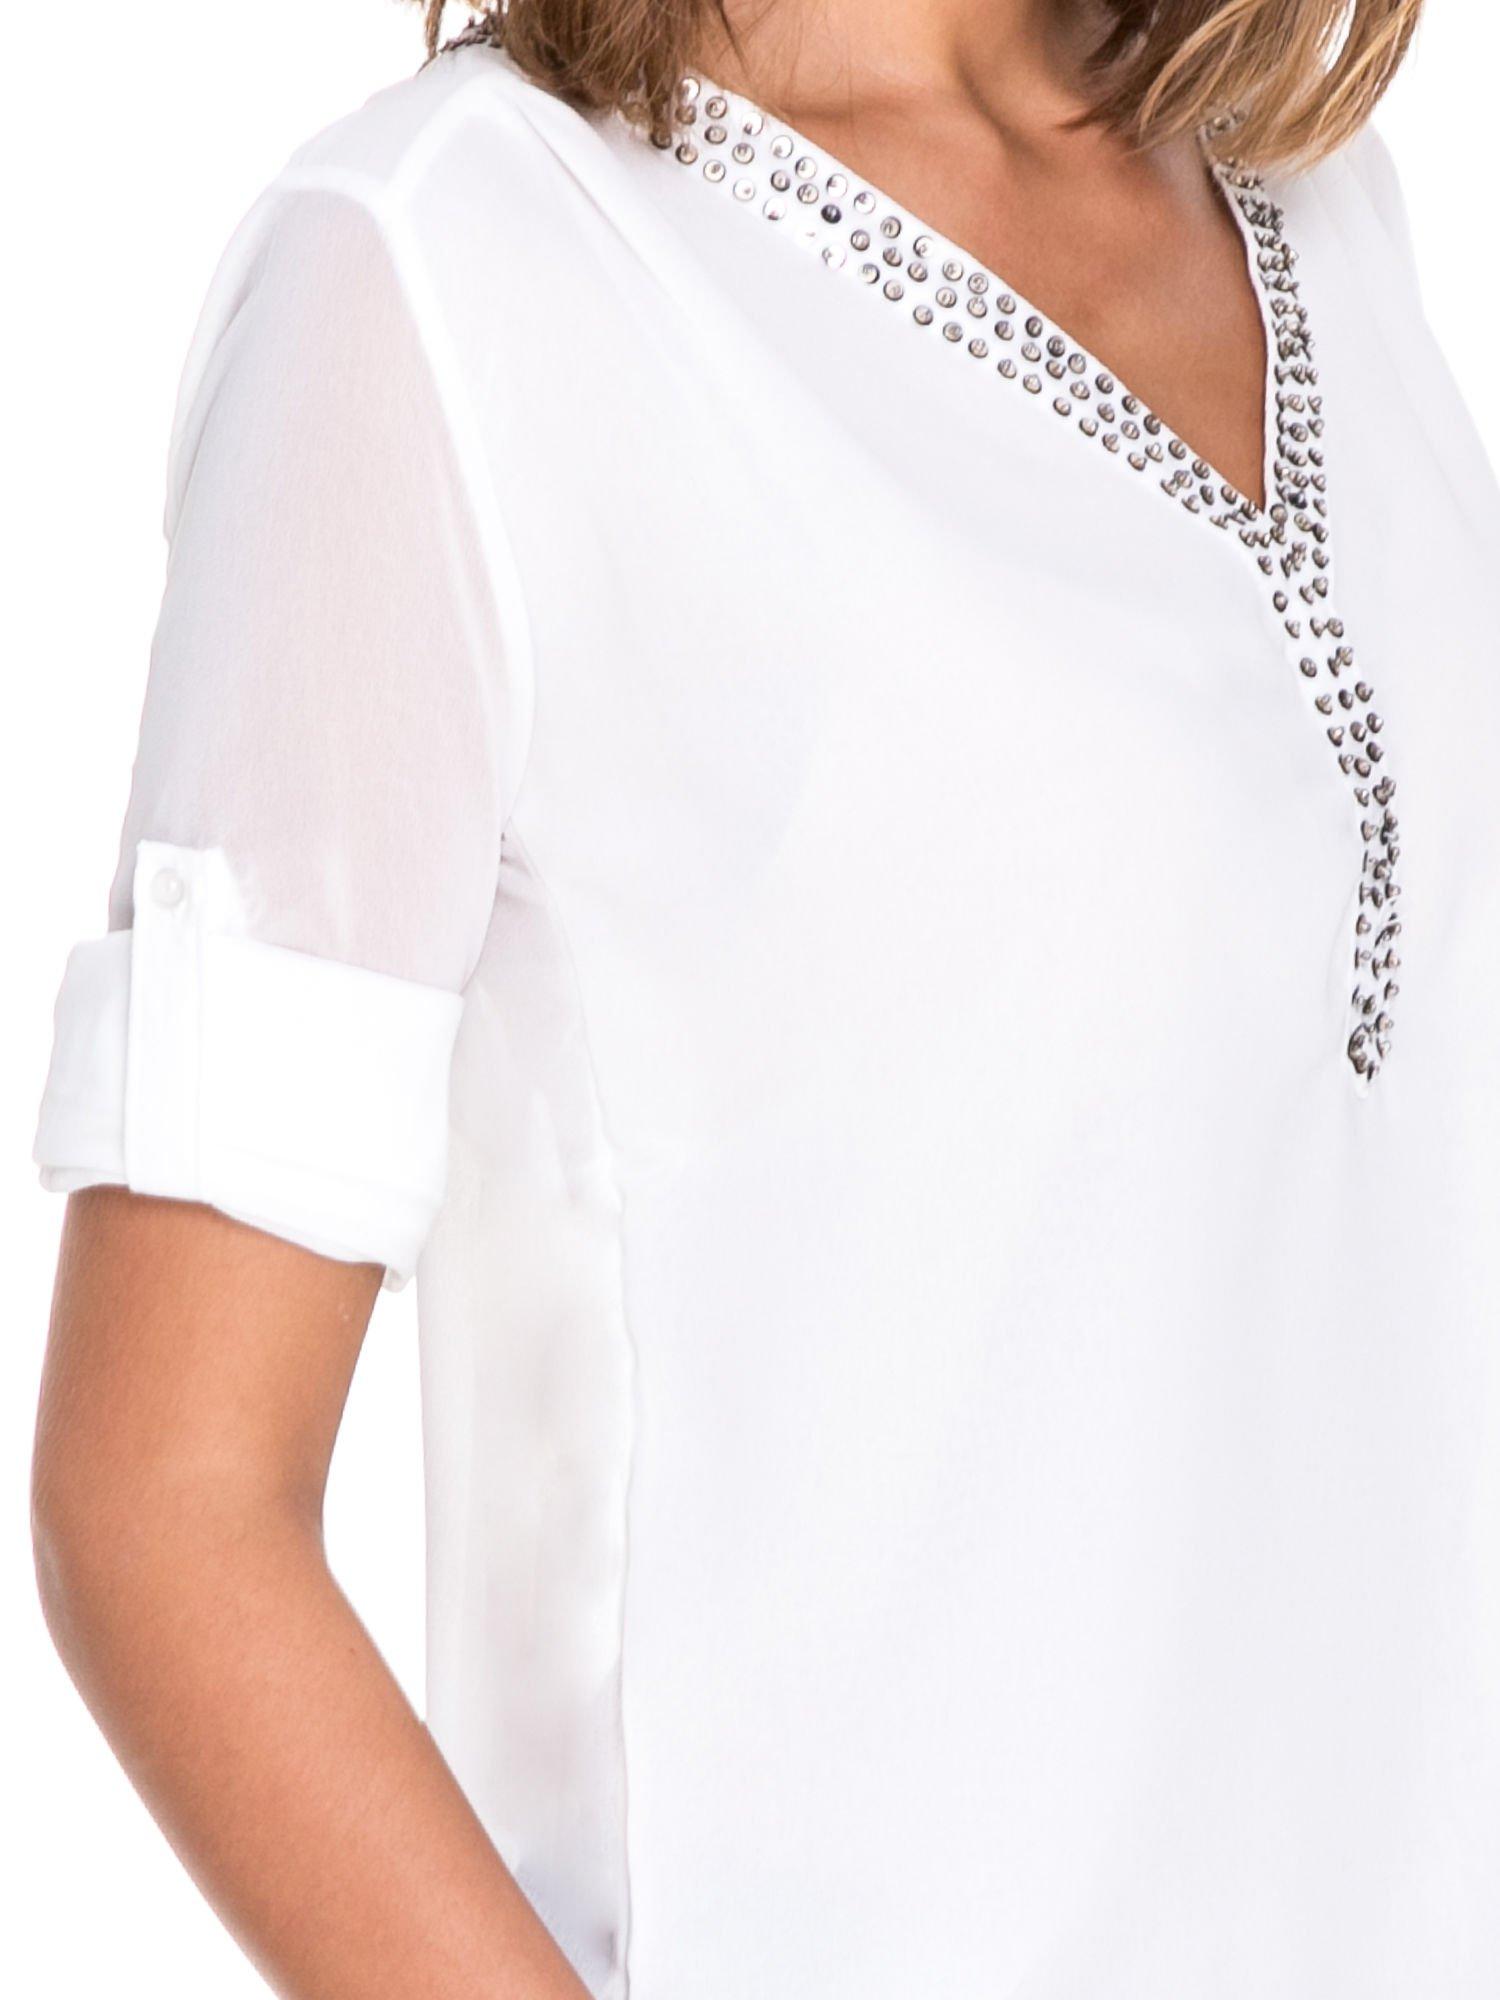 Biała koszula z transparentnymi rękawami i dżetami przy dekolcie                                  zdj.                                  6